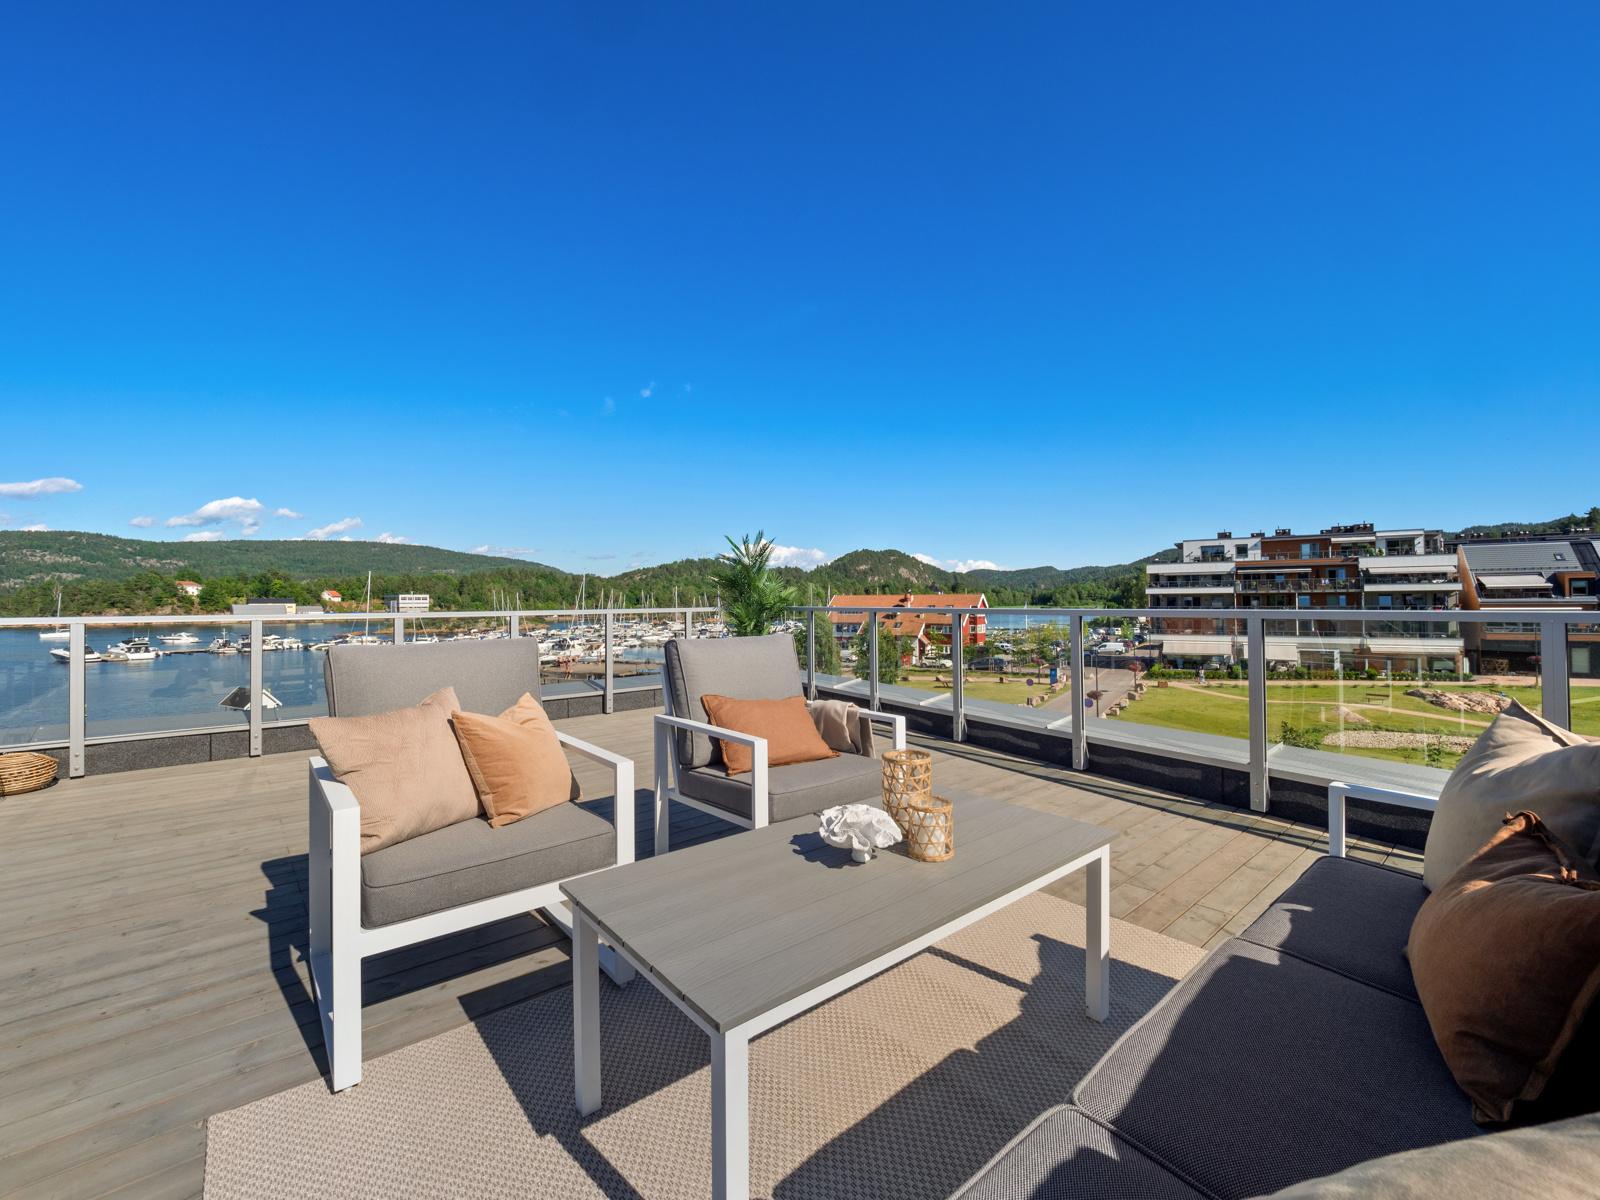 Boligen har privat takterrasse med fritt utsyn utover fjorden, stranden og Sætre sentrum